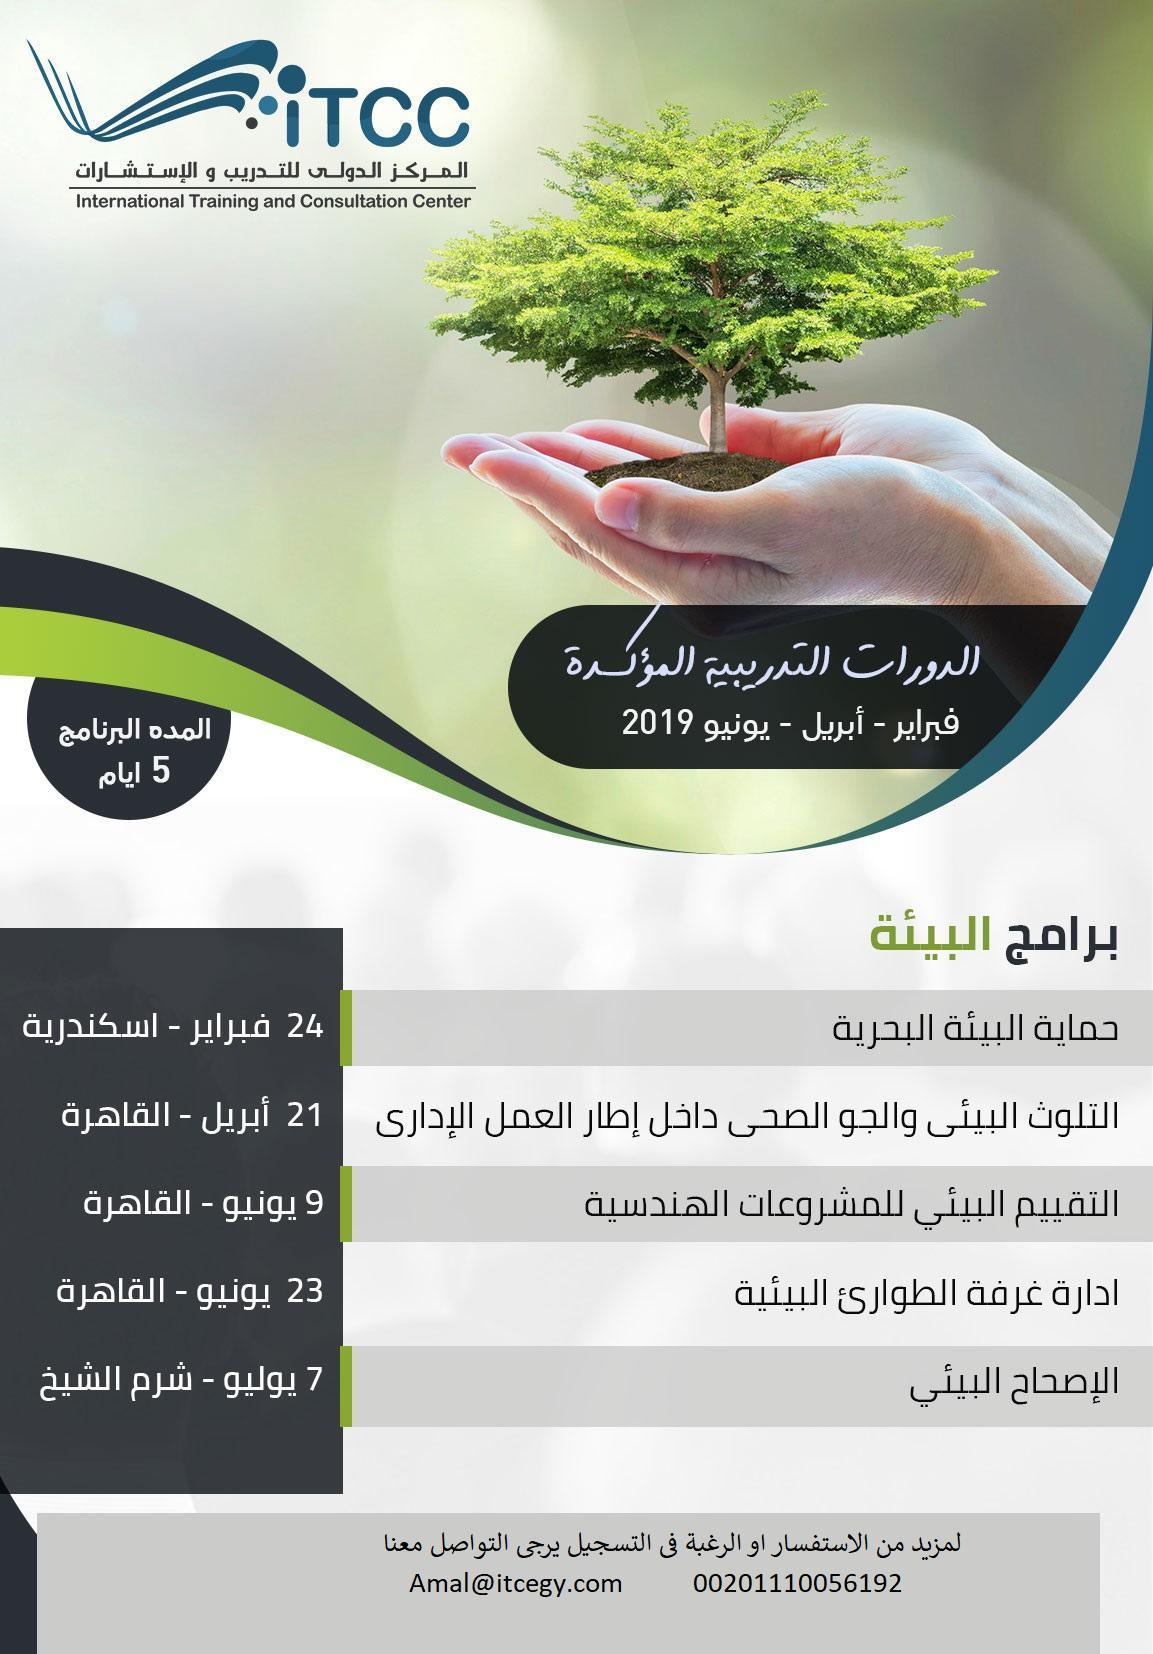 #دورة مؤثرات الملوثات البيئية الصحة